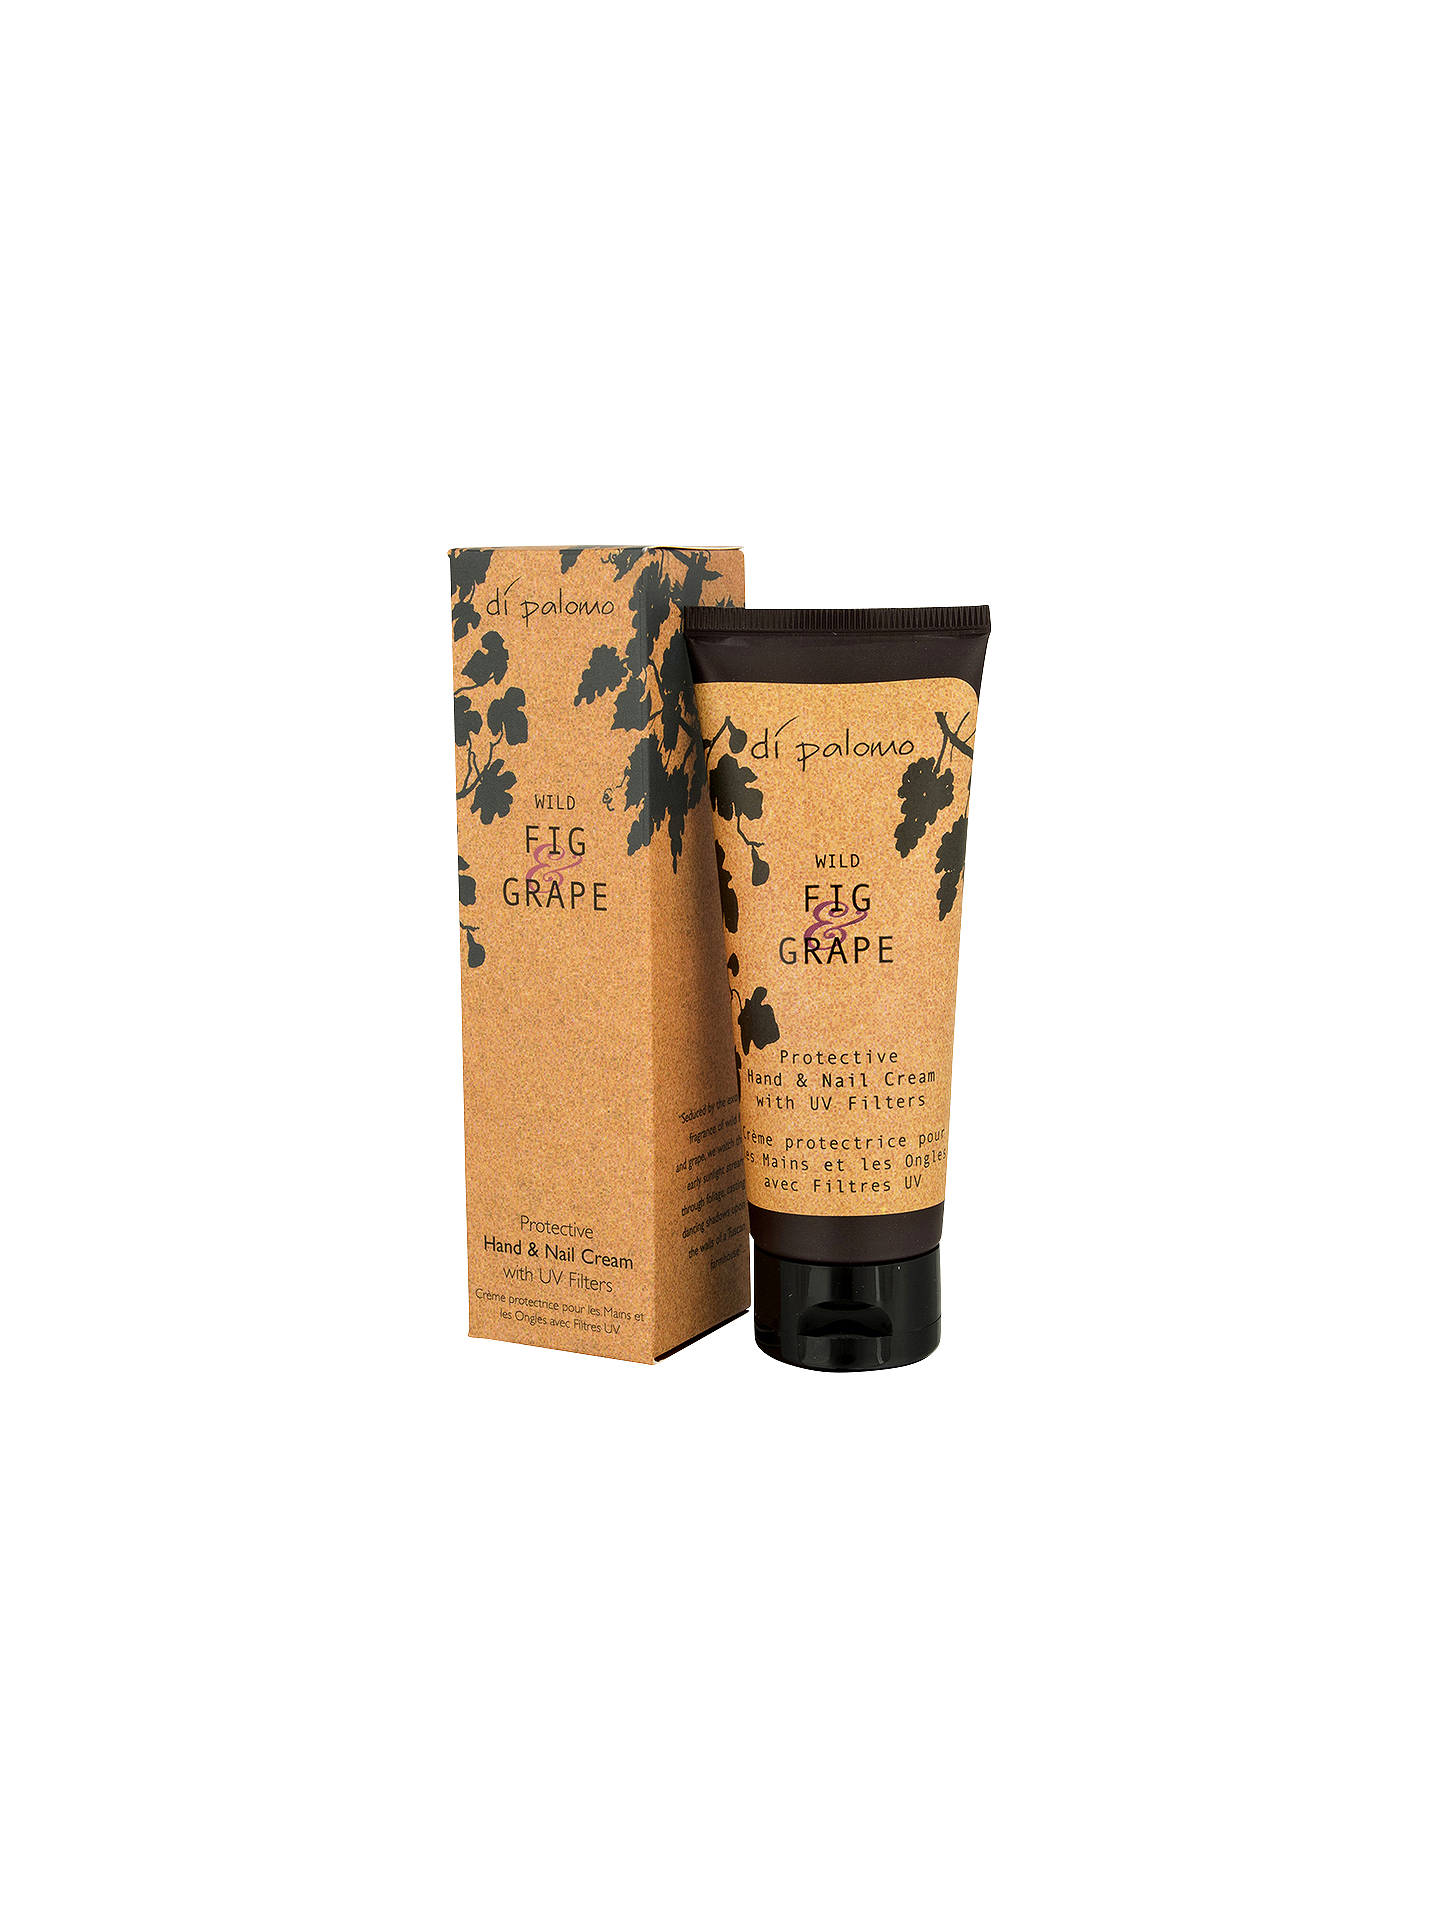 1e906118d4 Buy Di Palomo Fig Hand Cream